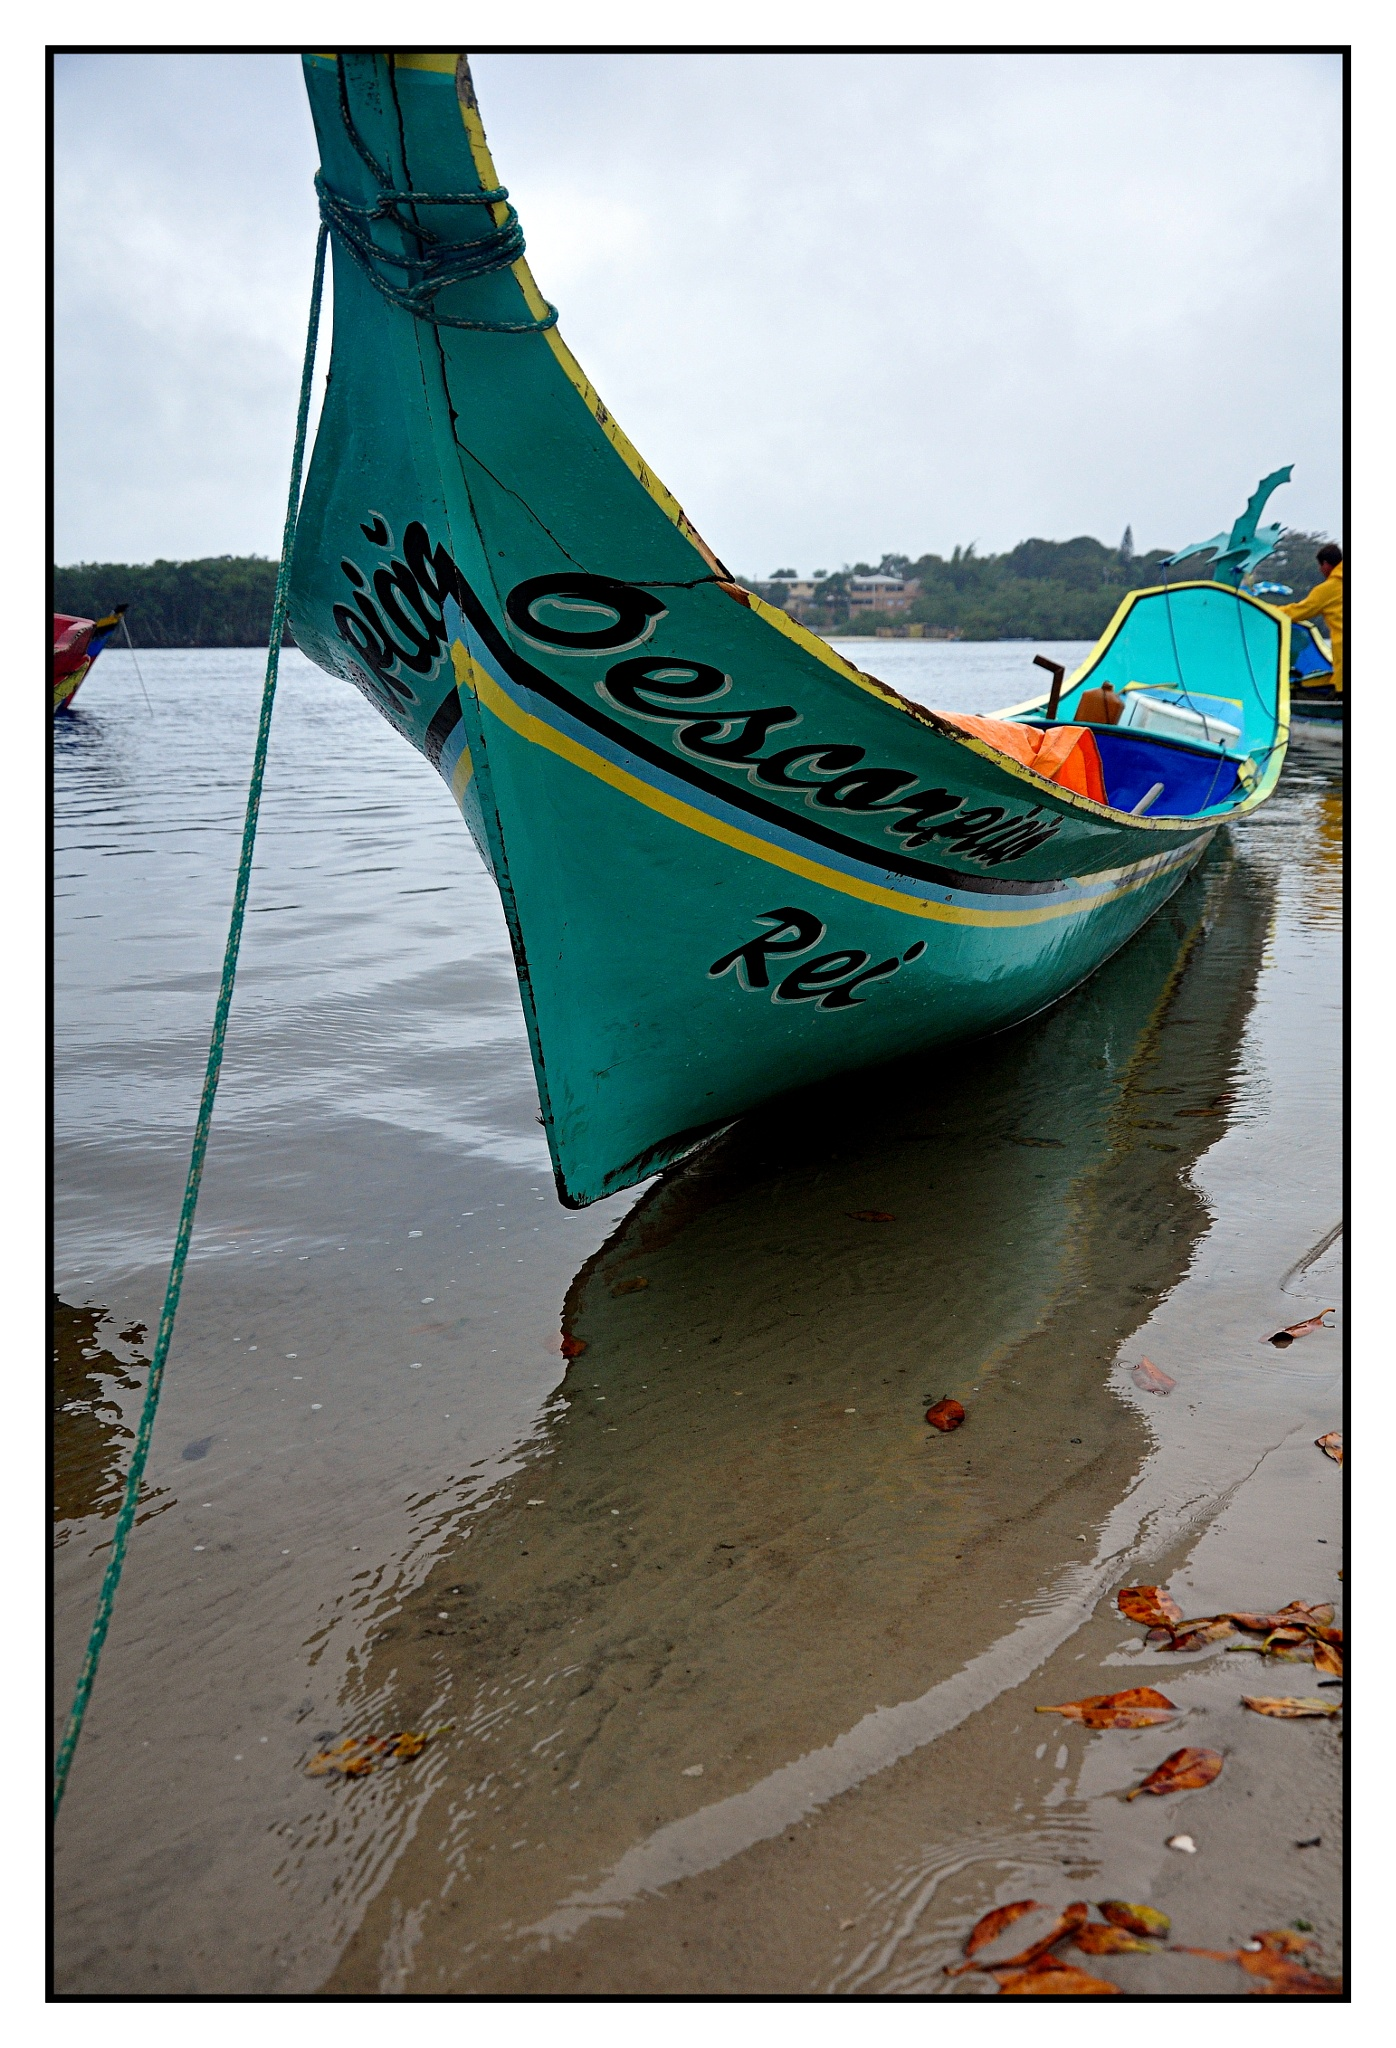 Pesqueiro by José Evaldo Suassuna de Oliveira